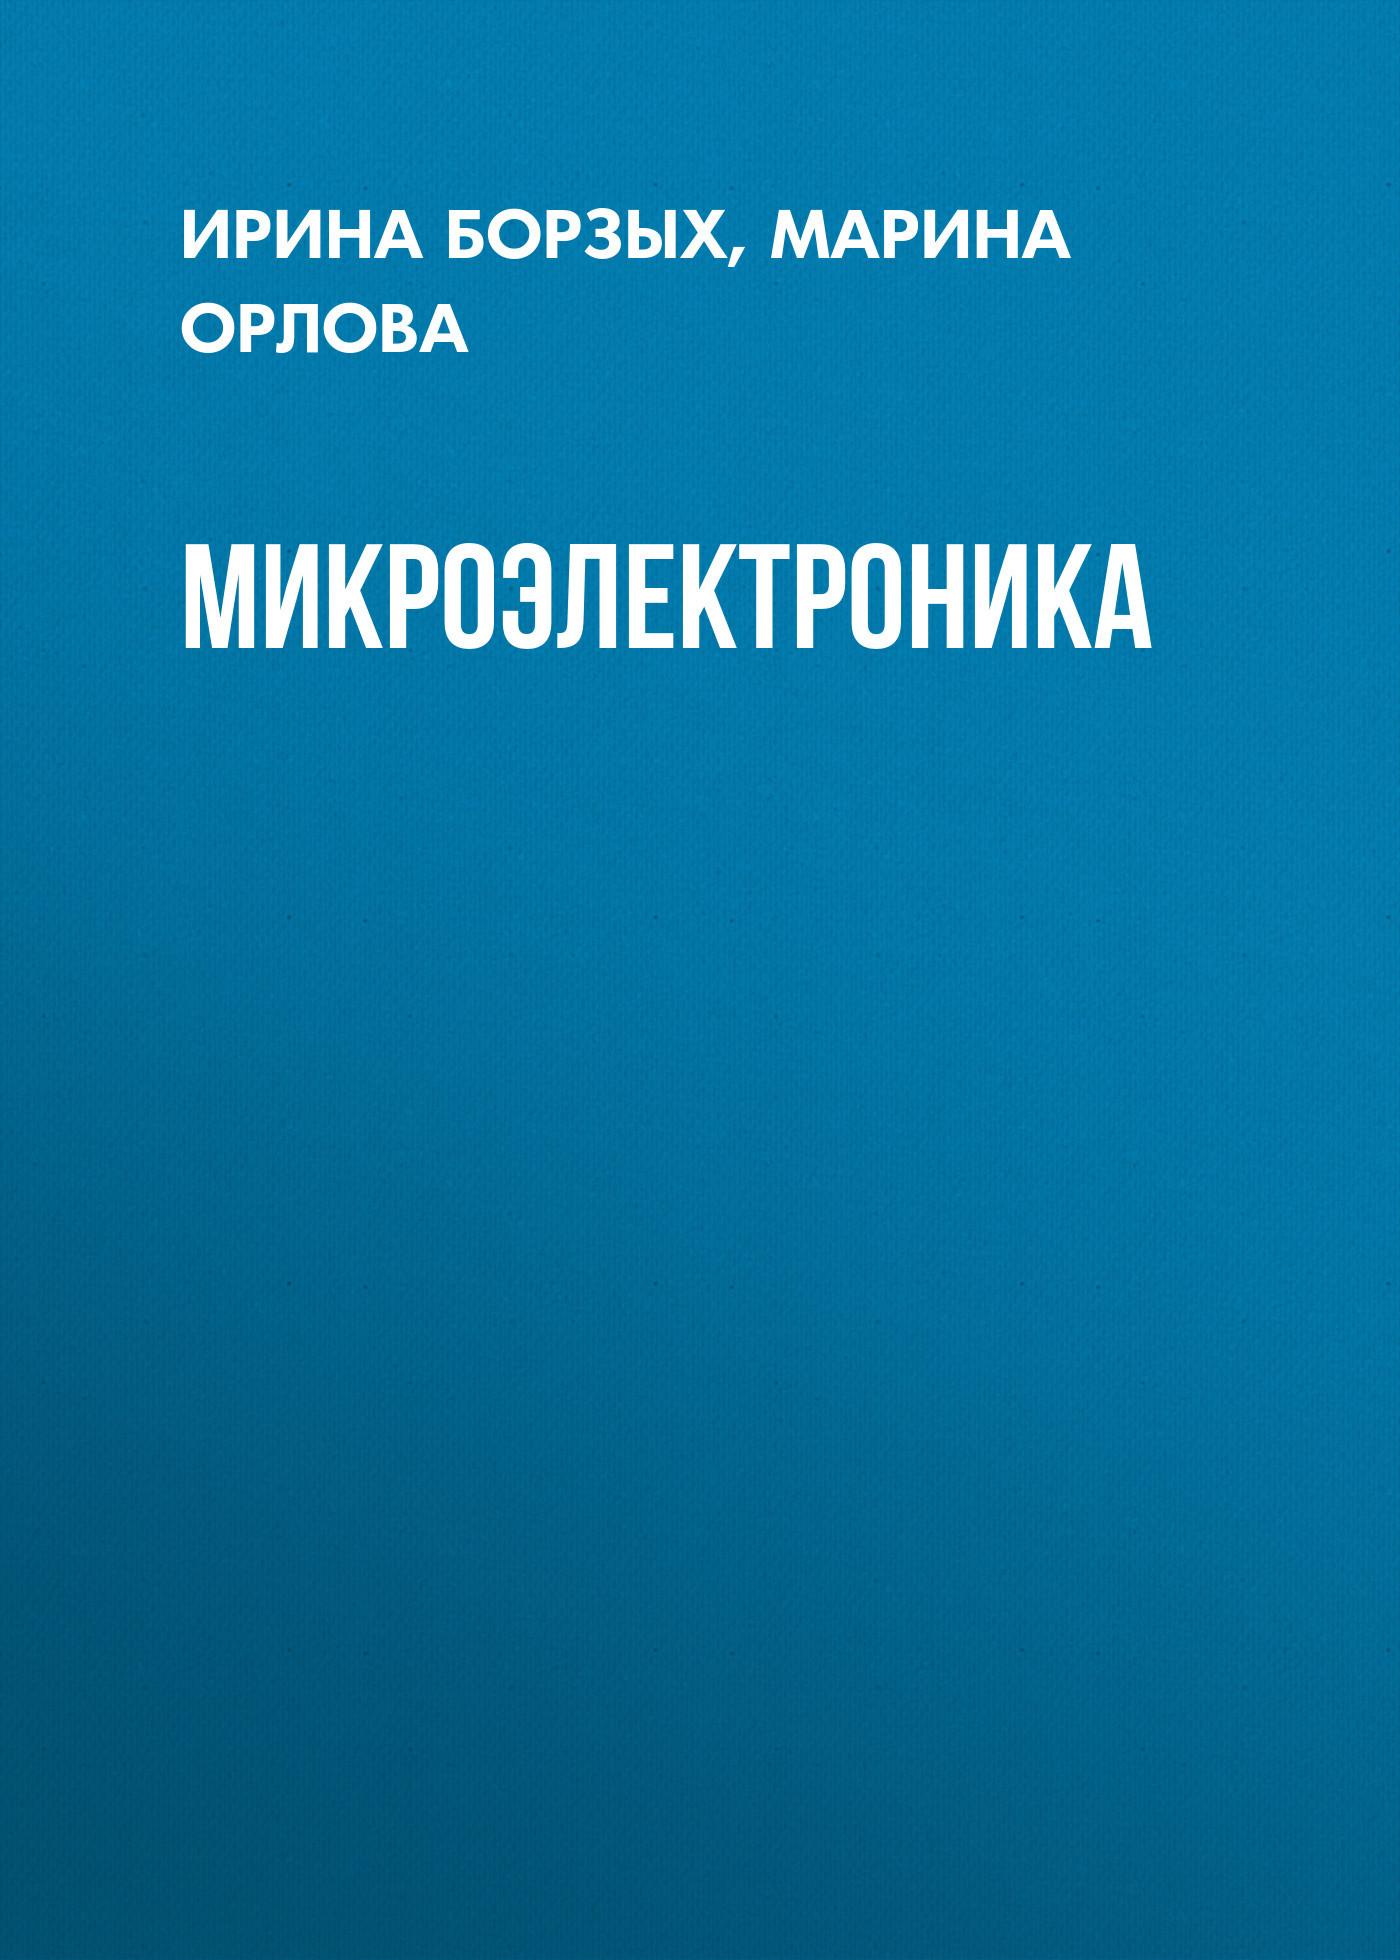 Обложка книги Микроэлектроника, автор Марина Орлова